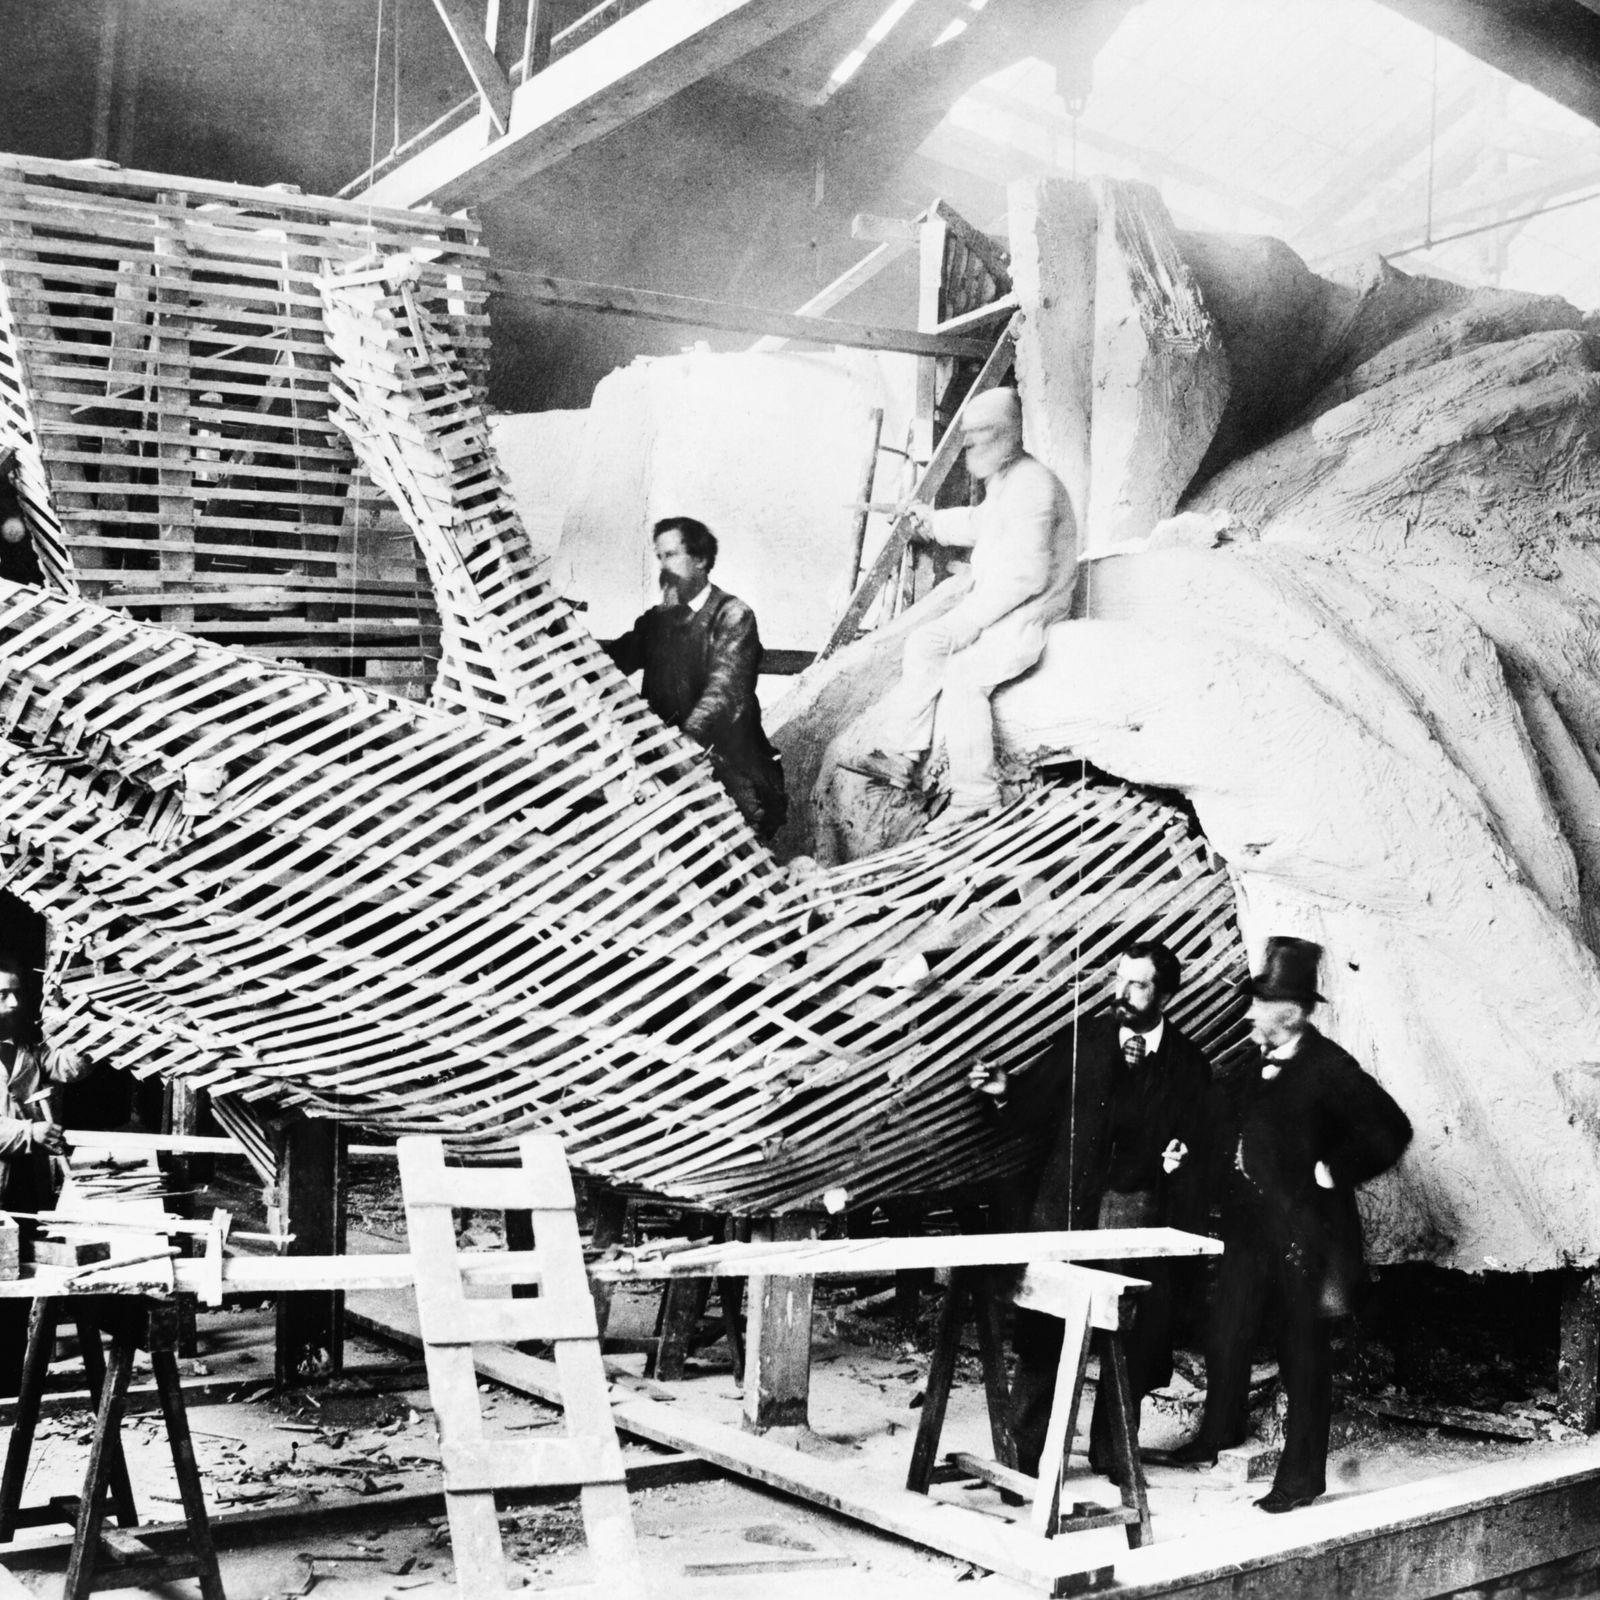 Frédéric-Auguste Bartholdi (Mitte rechts), der die Freiheitsstatue entworfen hat, erklärt einem Besucher die Unterkonstruktion der Hand ...